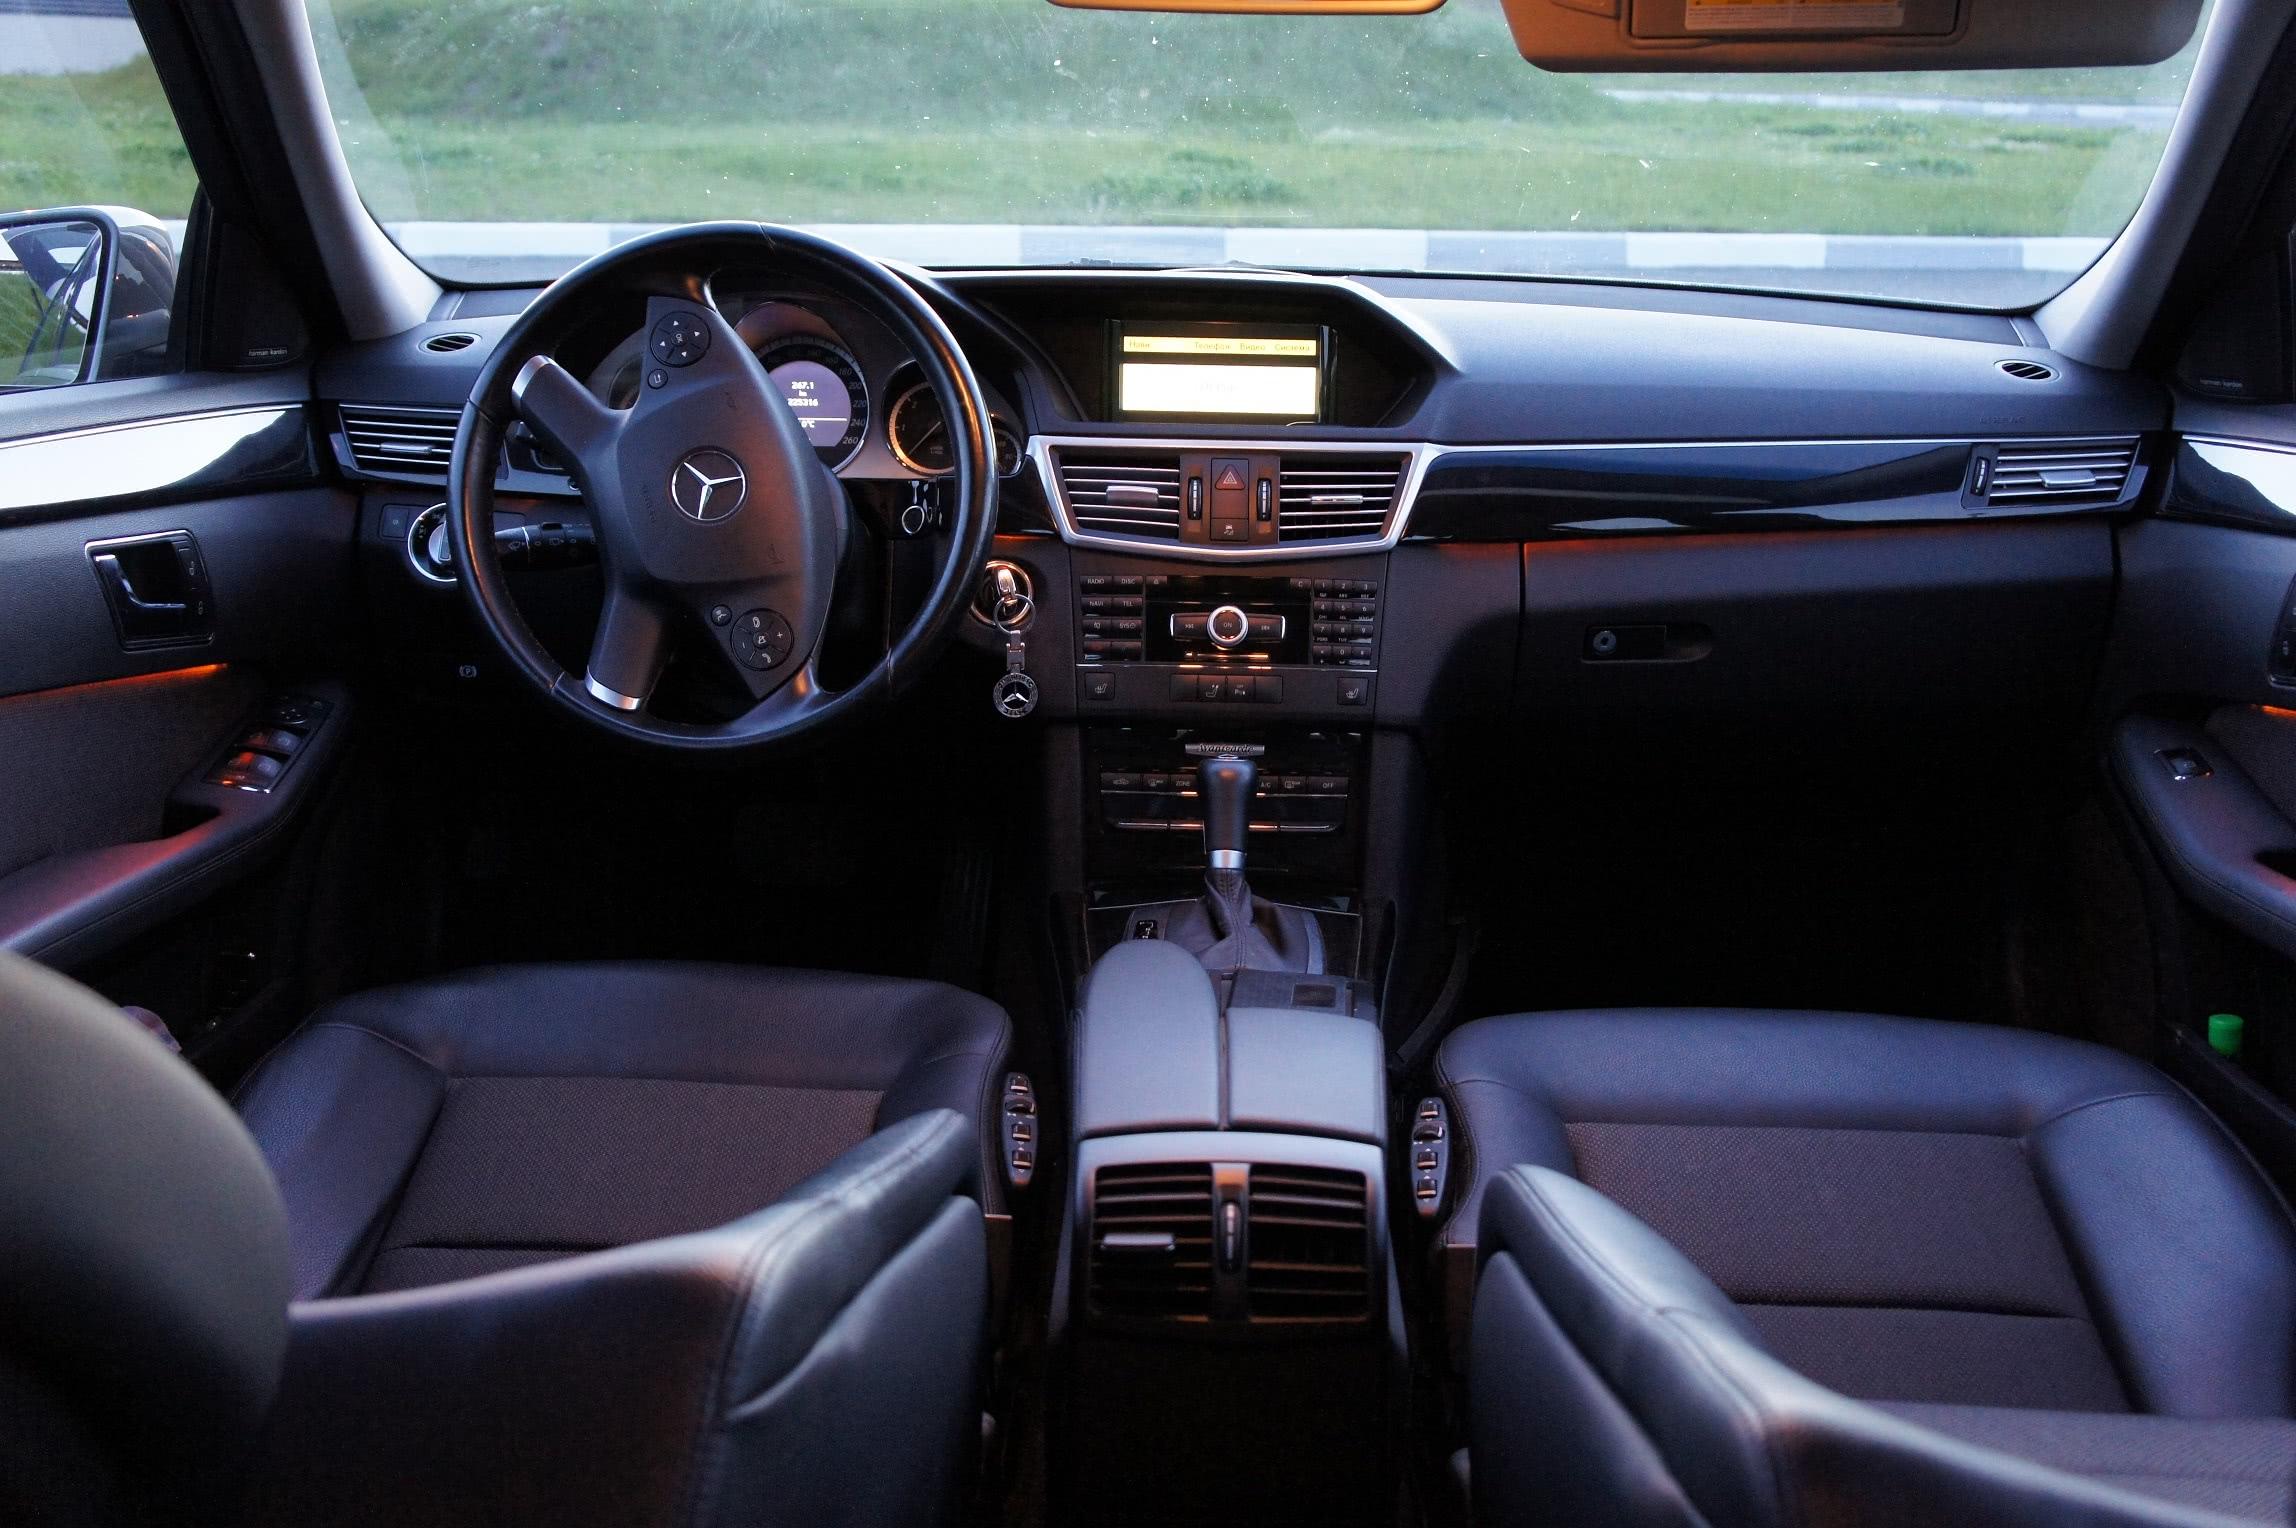 Mercedes E-klasse (W212)